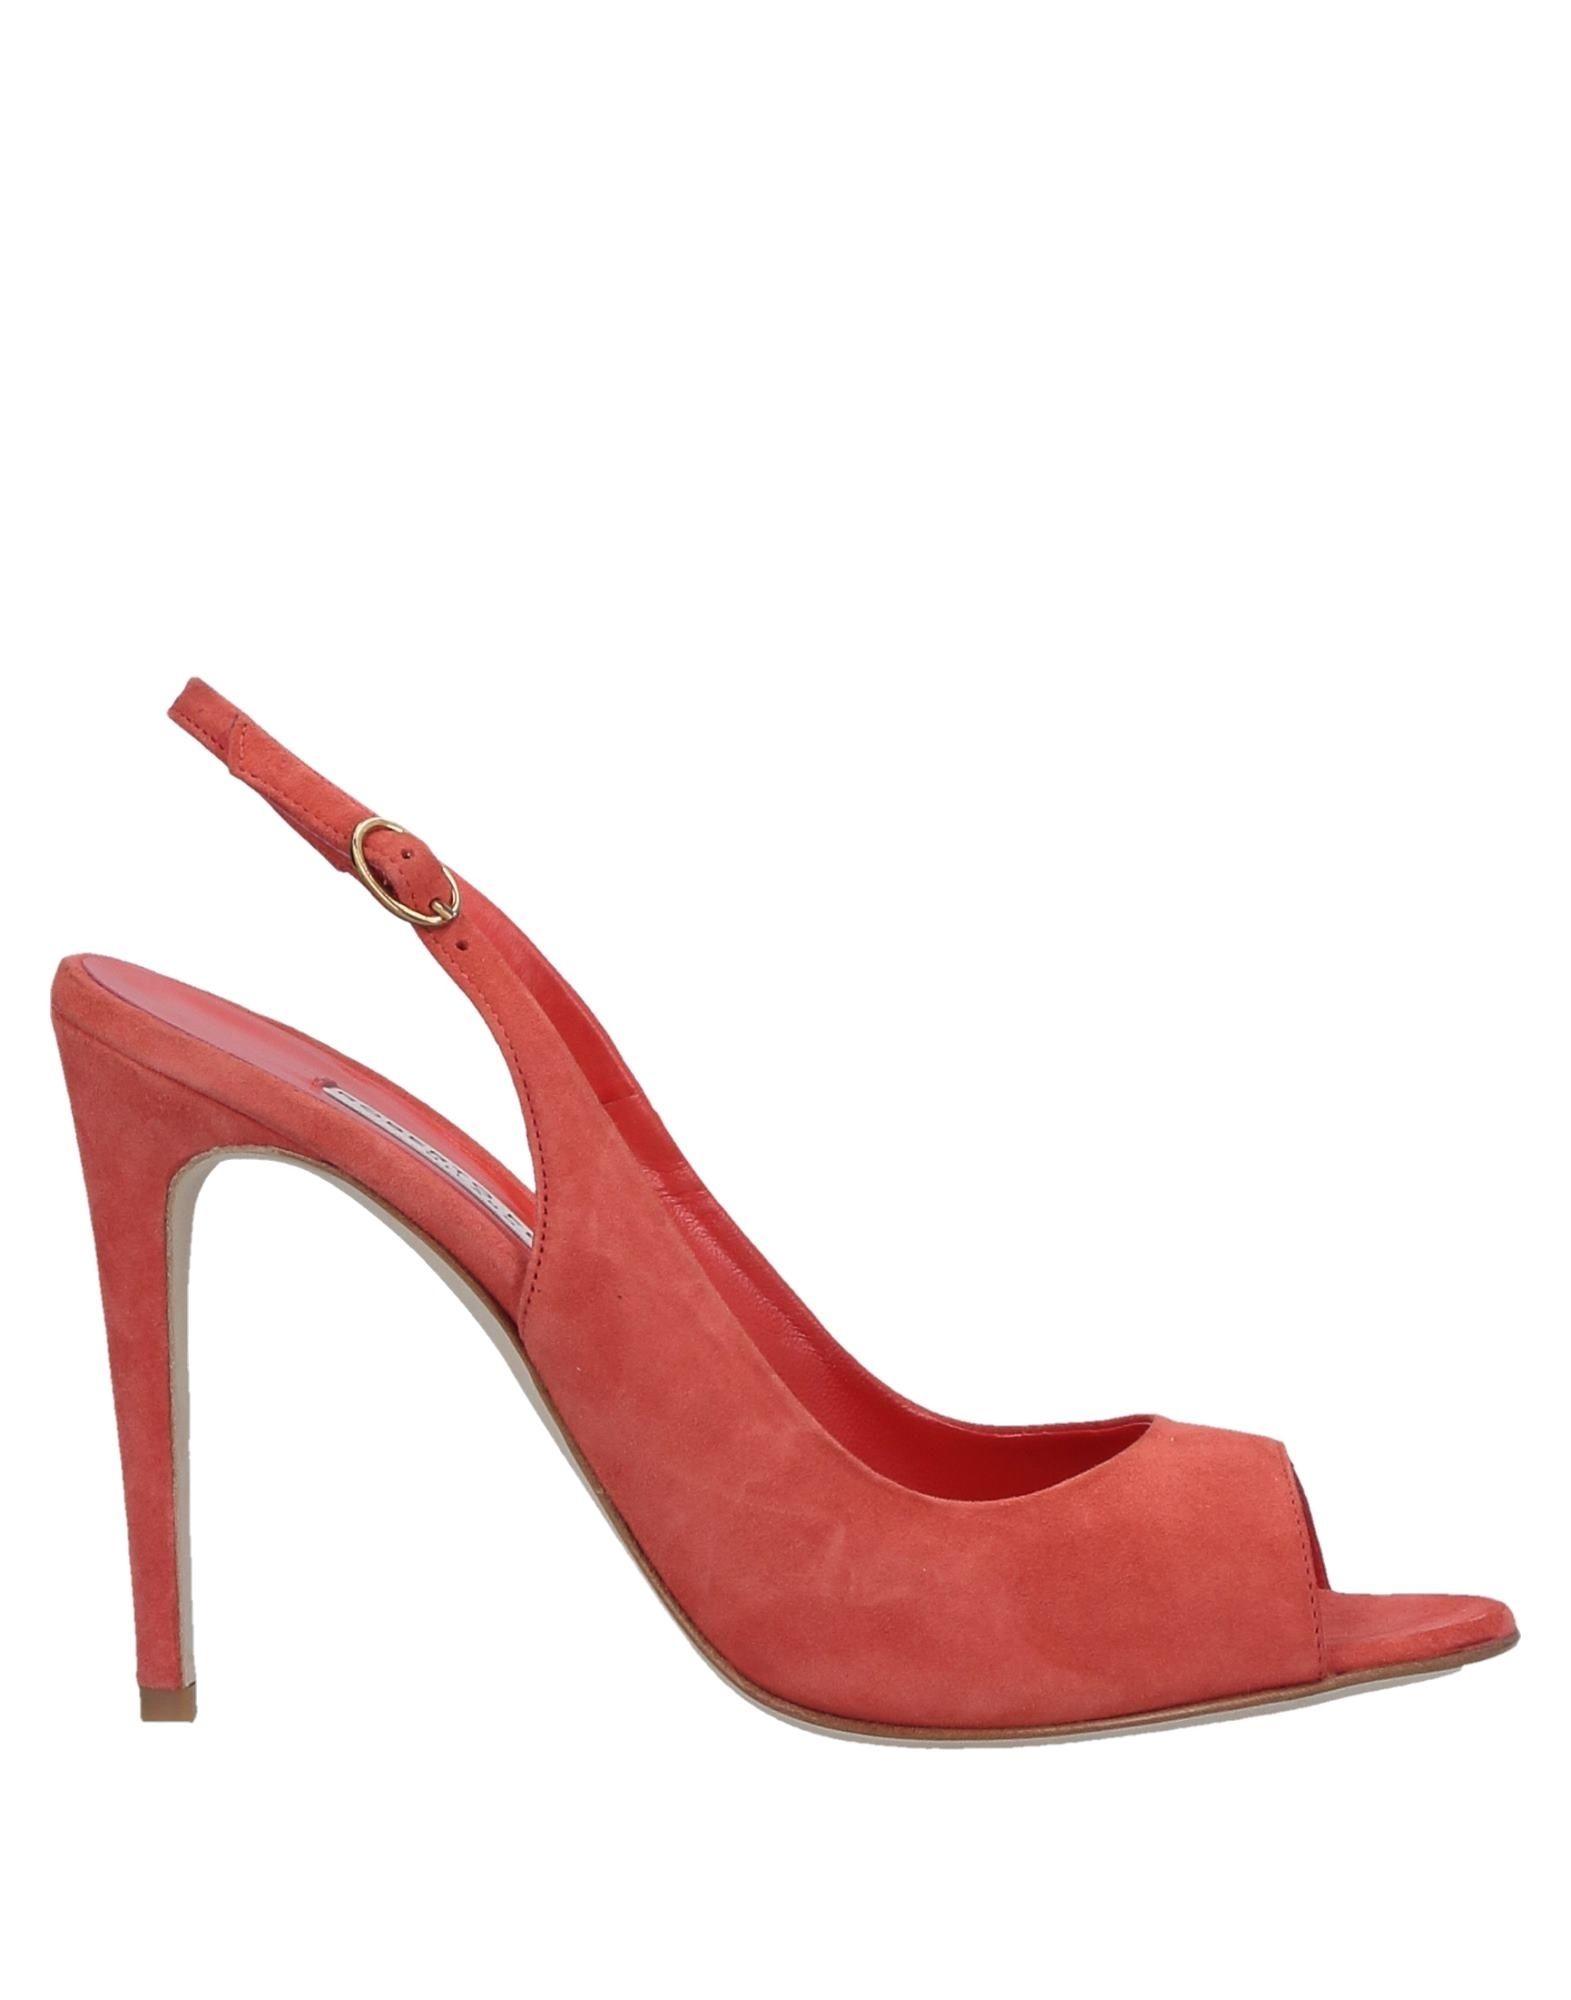 Sneakers D.A.T.E. Uomo - 11237606ES Scarpe economiche e buone